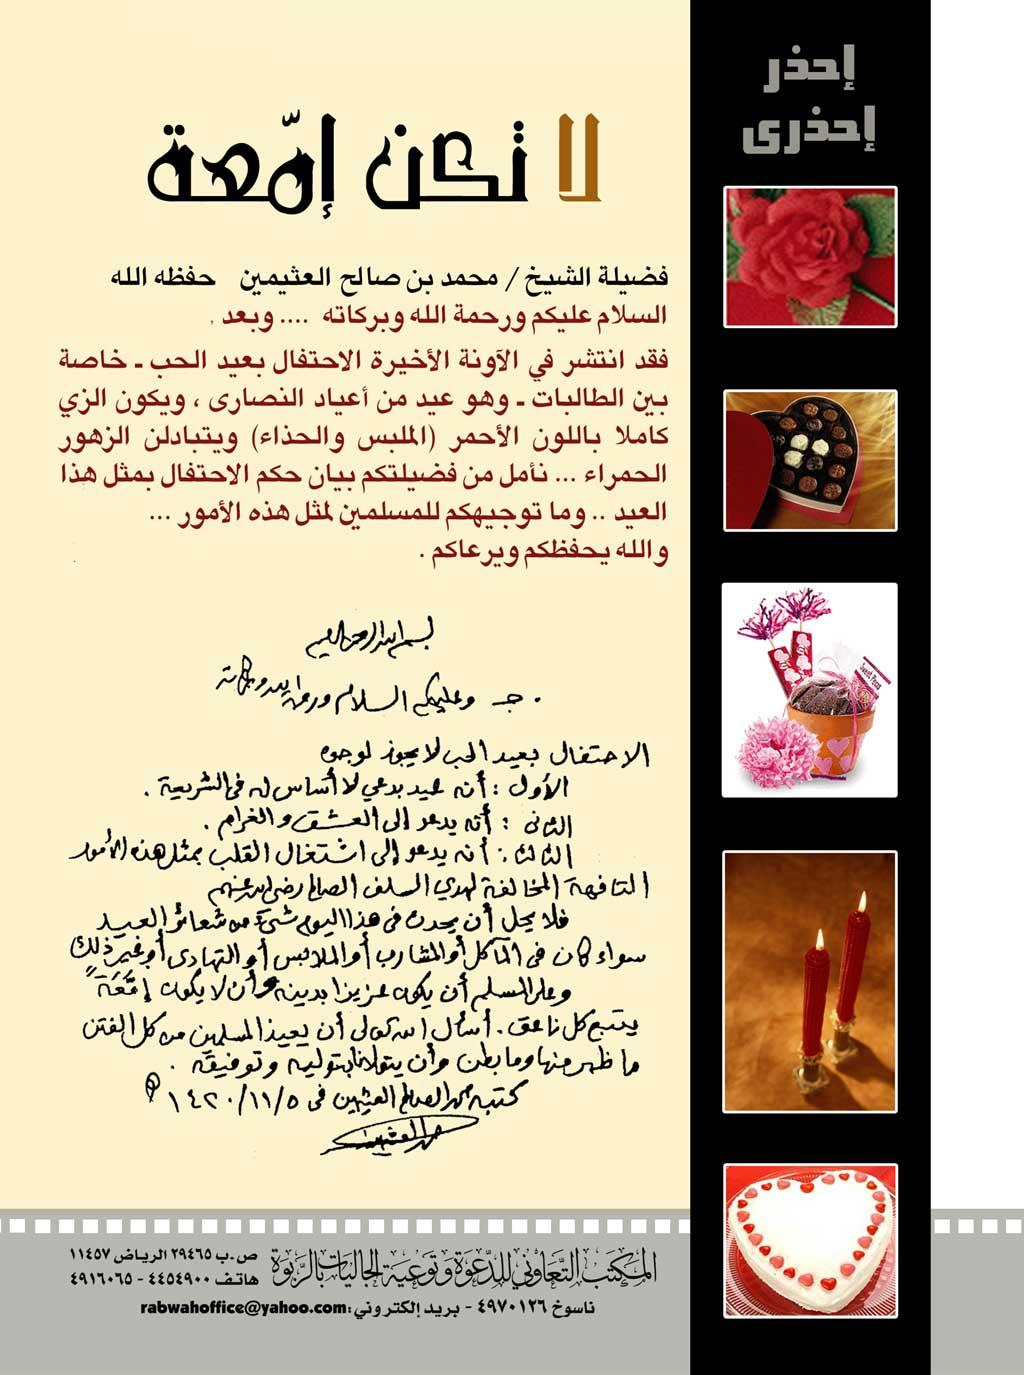 لالالالا والف الف لالالالا لعيد الحب دار الامارات